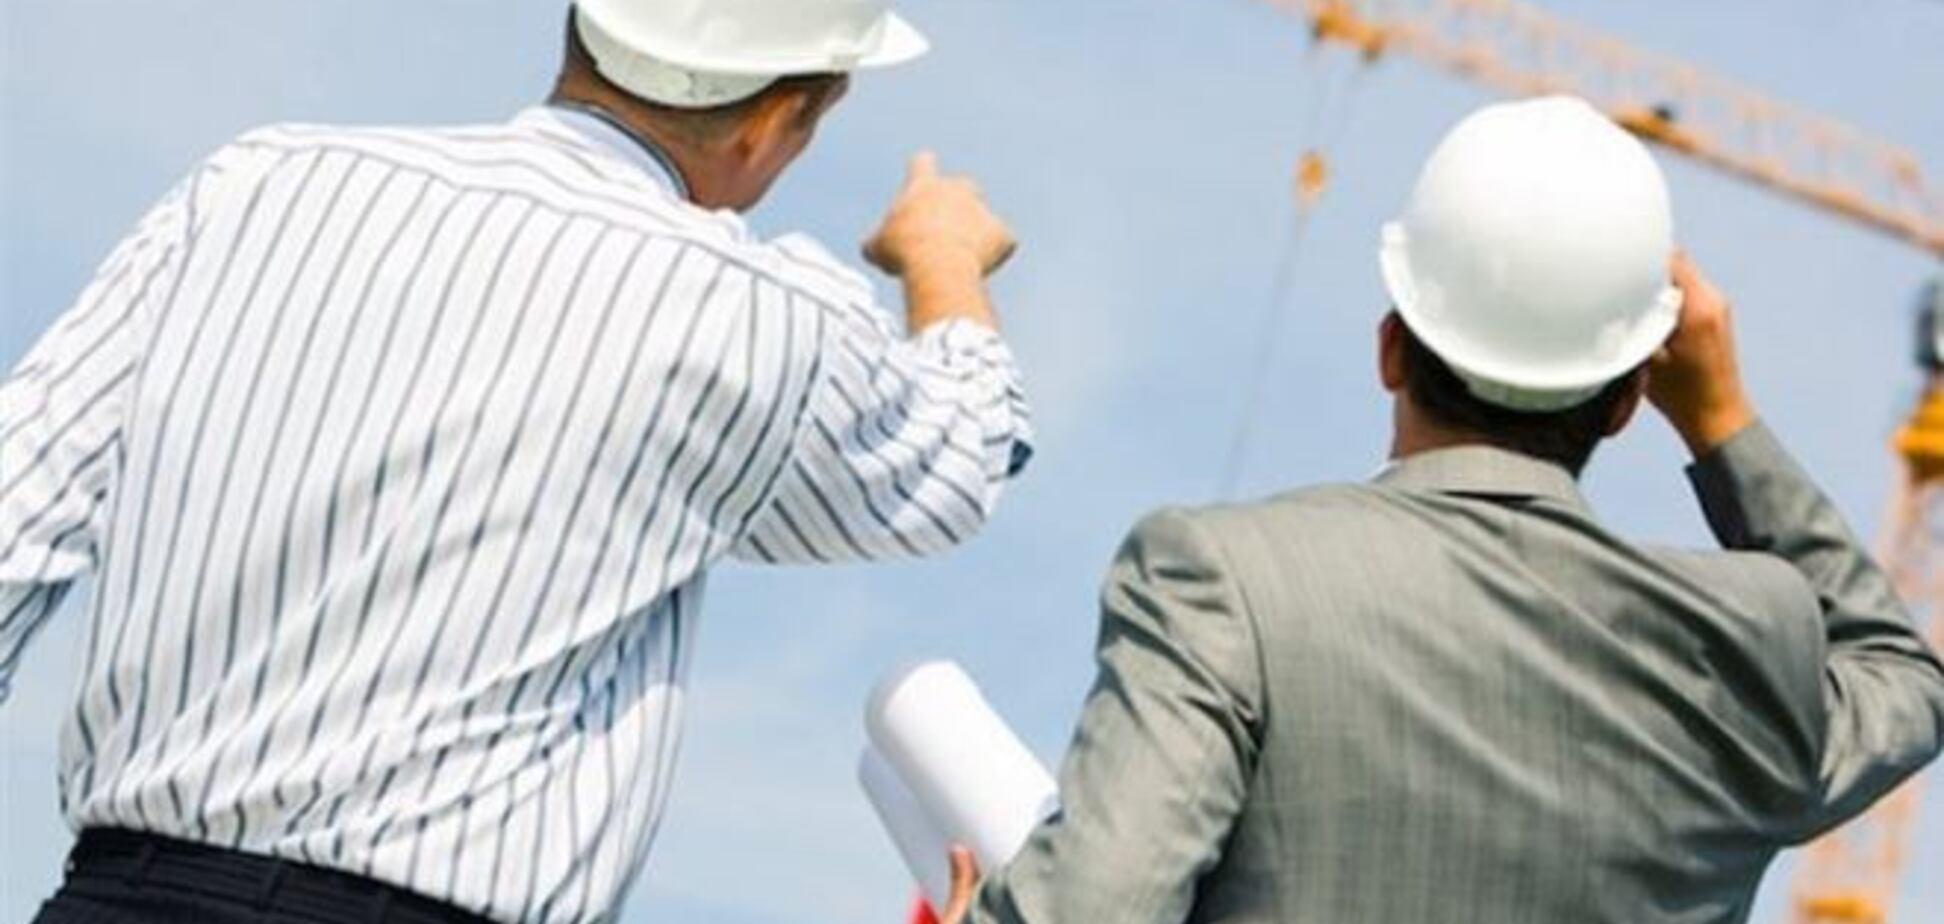 Конфедерация строителей Украины создаст 'белый список' застройщиков